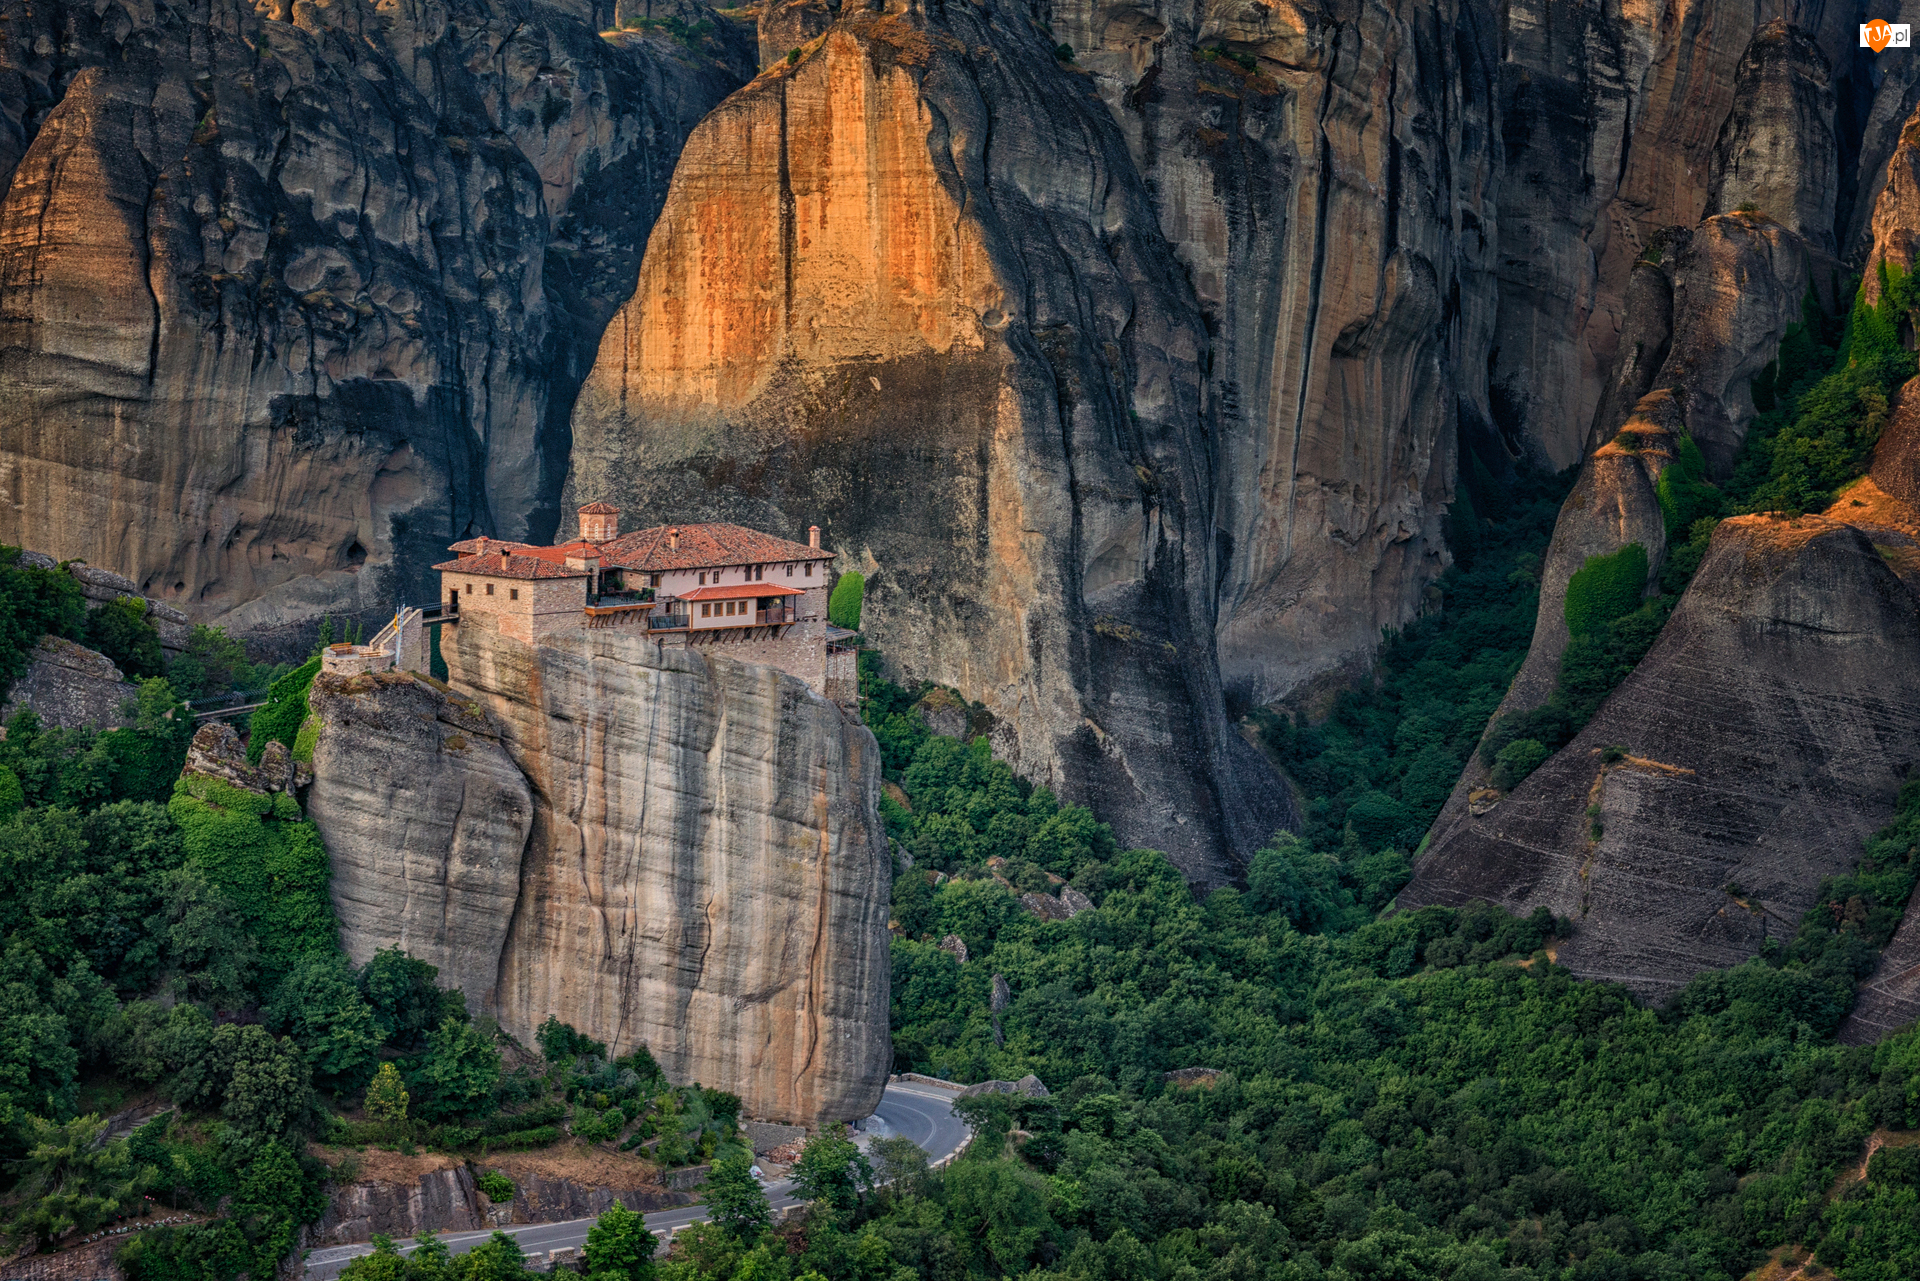 Grecja, Piaskowiec, Tesalia, Meteory, Kalambaka, Wąwóz, Klasztor Świętej Trójcy, Skały, Góry